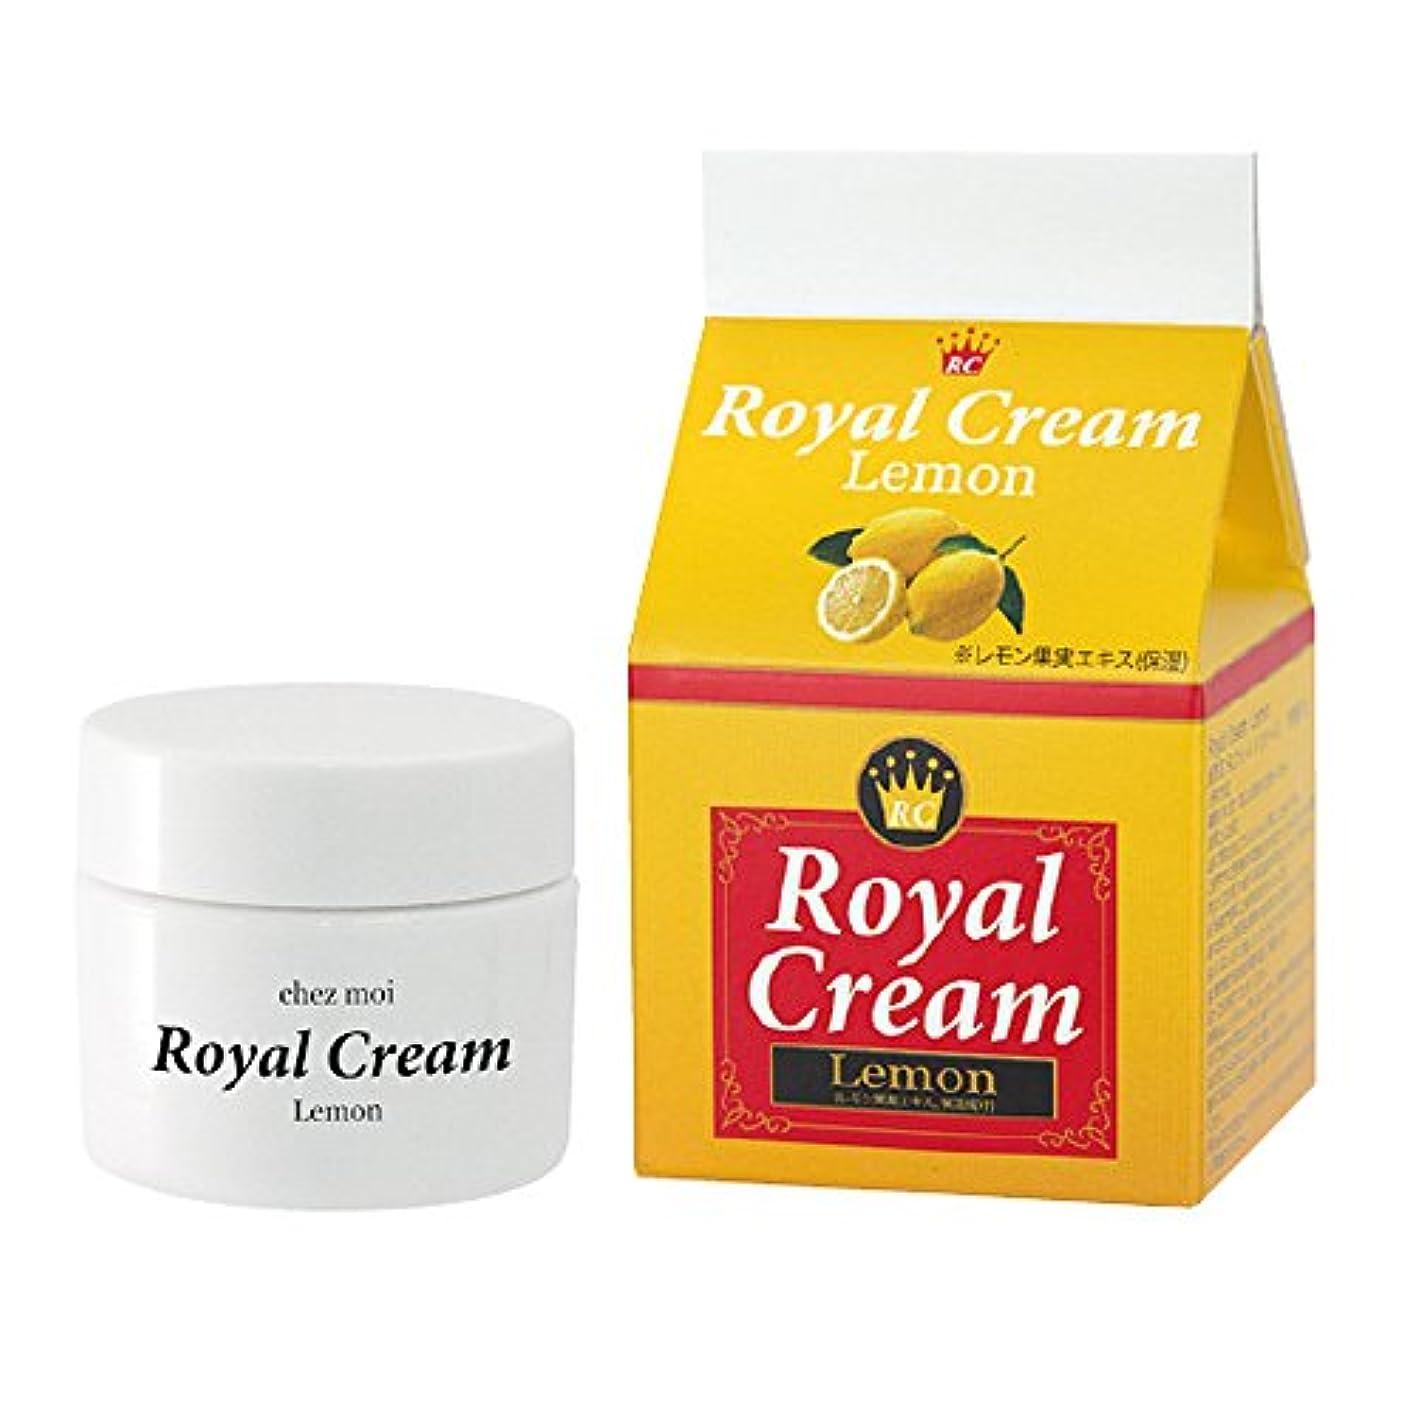 優れました適合計算可能シェモア Royal Cream Lemon(ロイヤルクリームレモン) 30g